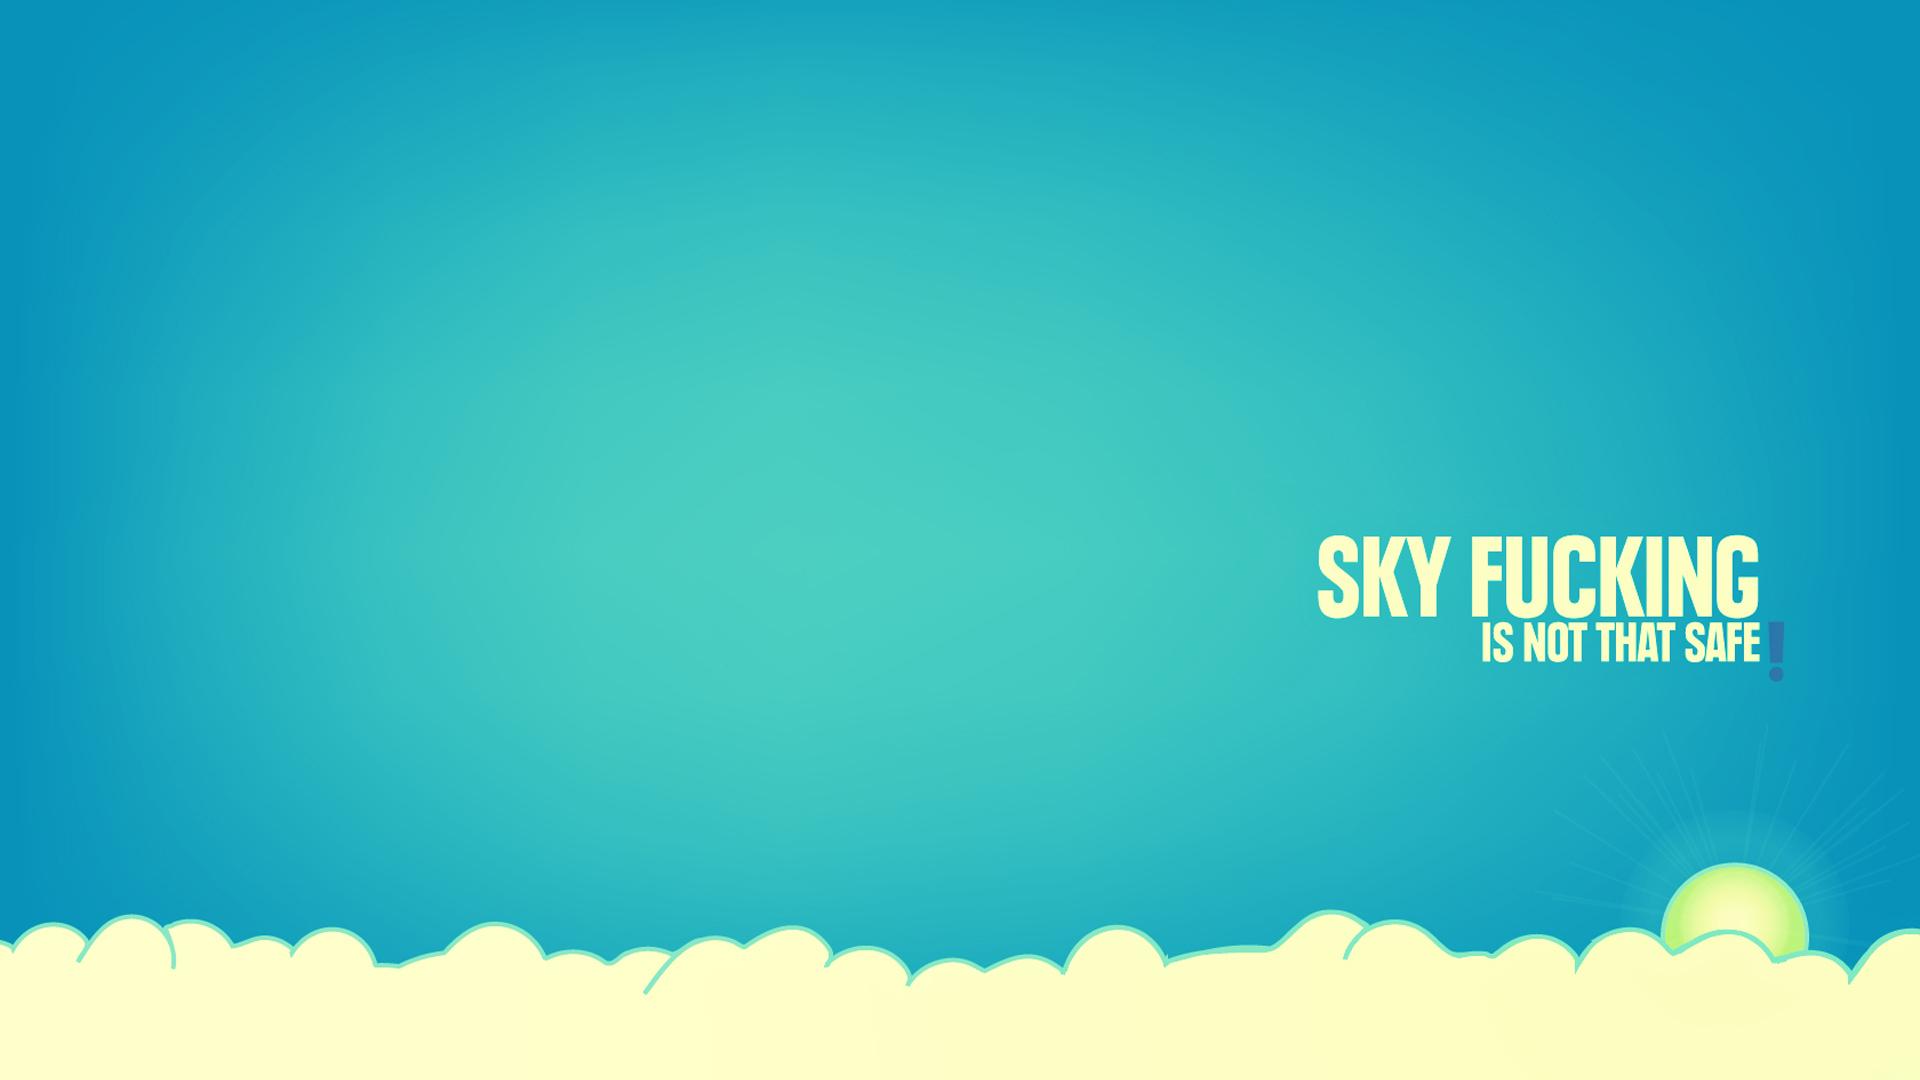 这是一套矢量云朵ppt高清大图背景,喜欢的人都来管理资源吧下载吧。